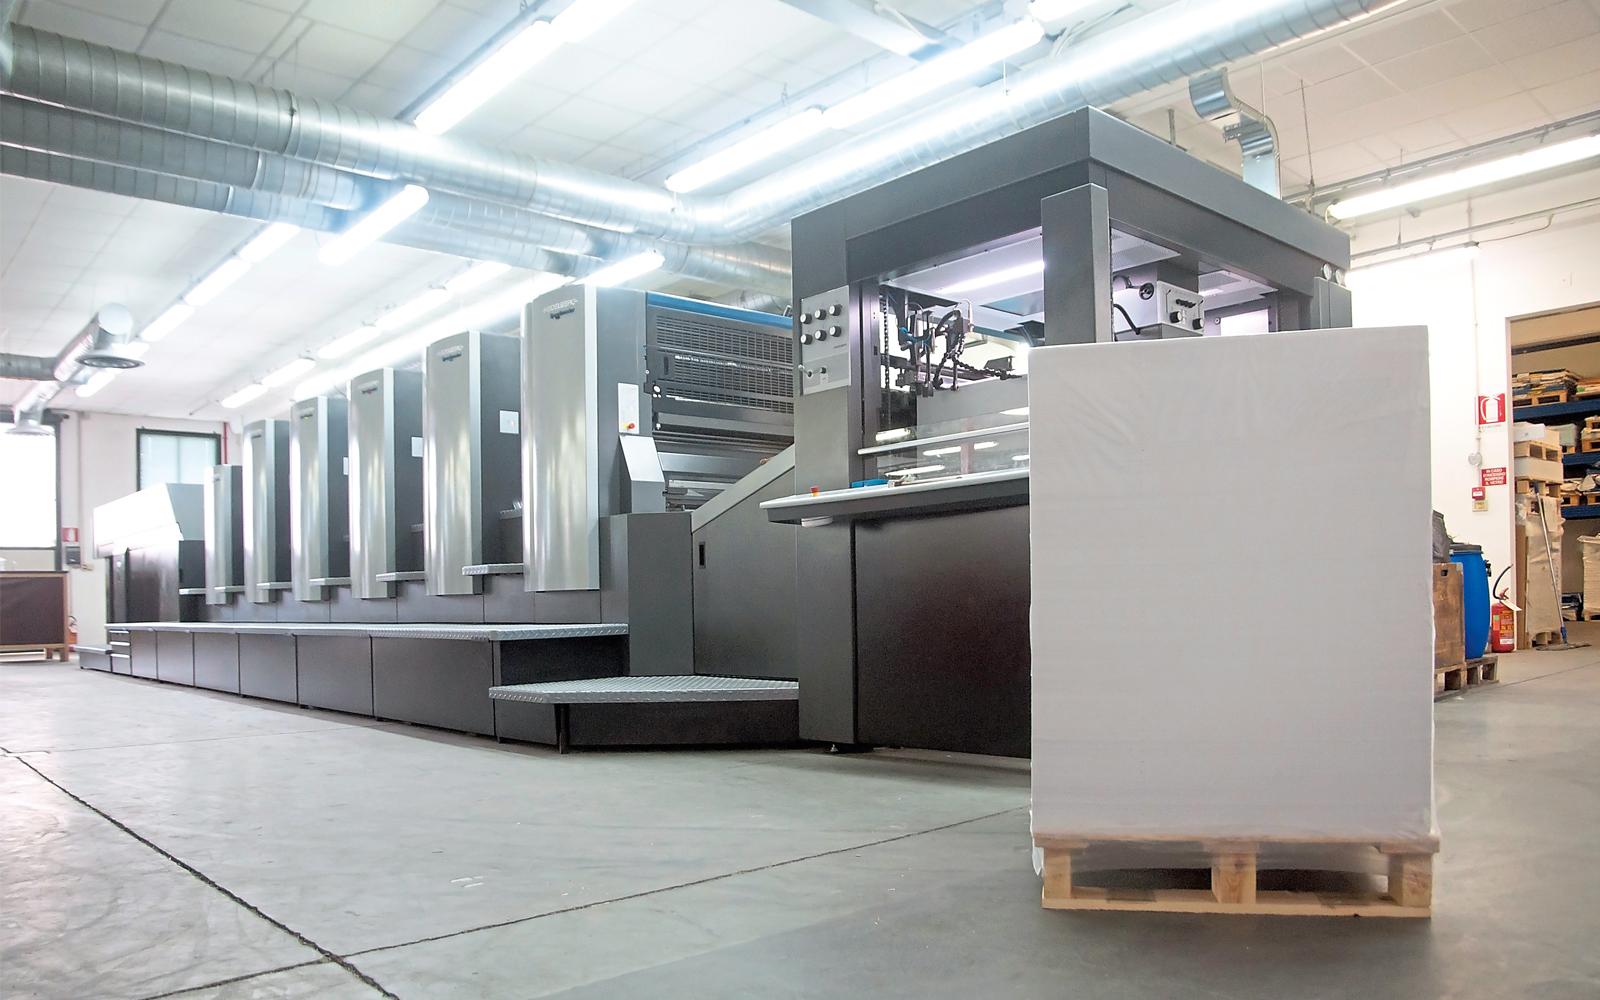 Serviceleistungen rund um Bogen-Offset-Maschinen für Kunden im In- und Ausland sind das Arbeitsfeld von Prografixx.